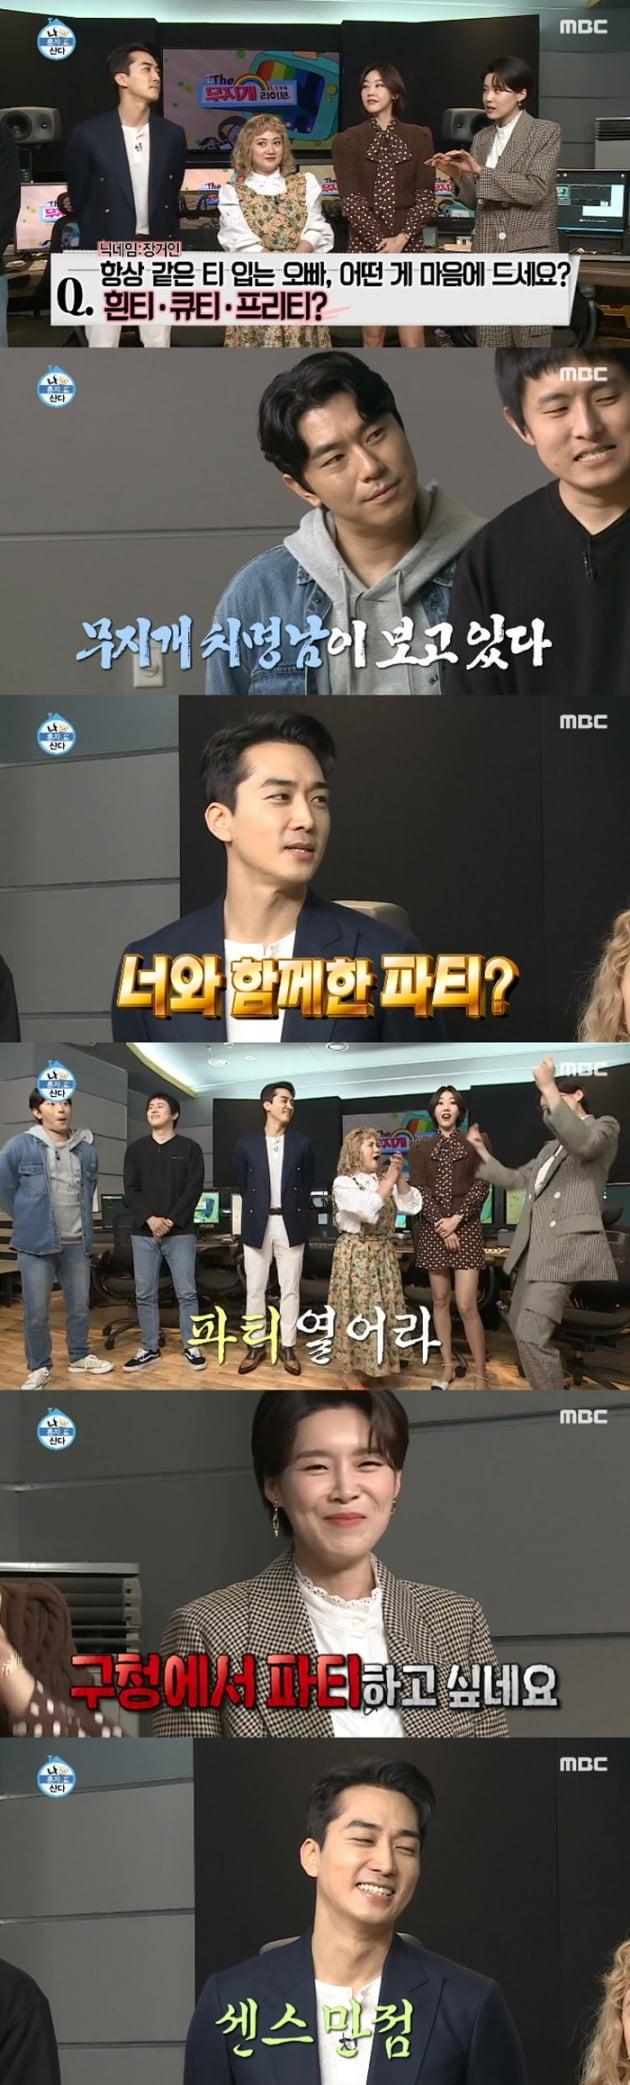 '나 혼자 산다' 송승헌 / 사진 = MBC 영상 캡처